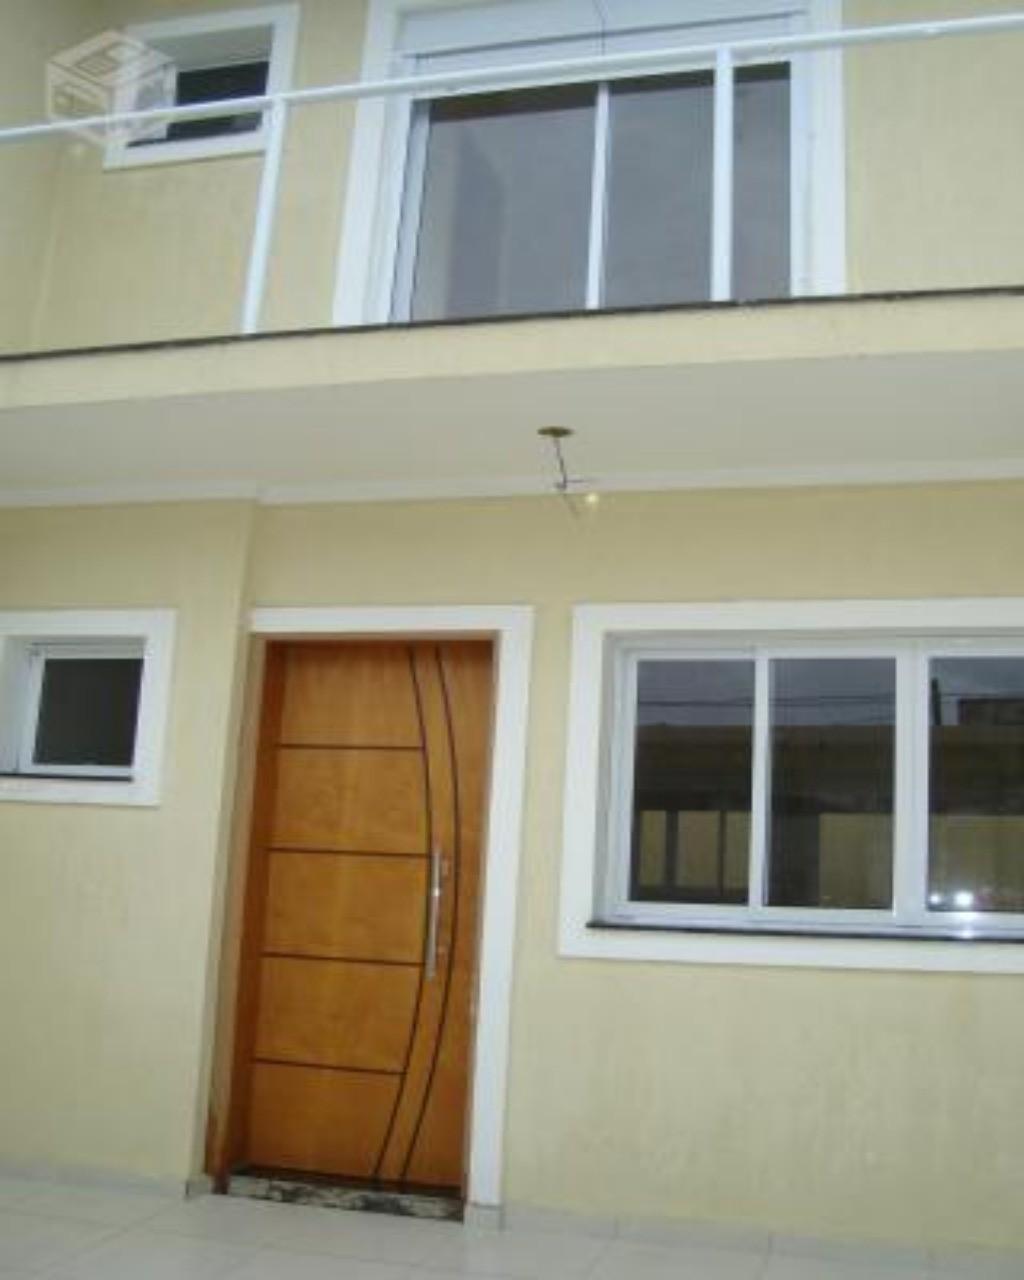 comprar ou alugar casa no bairro vila isa na cidade de sao paulo-sp